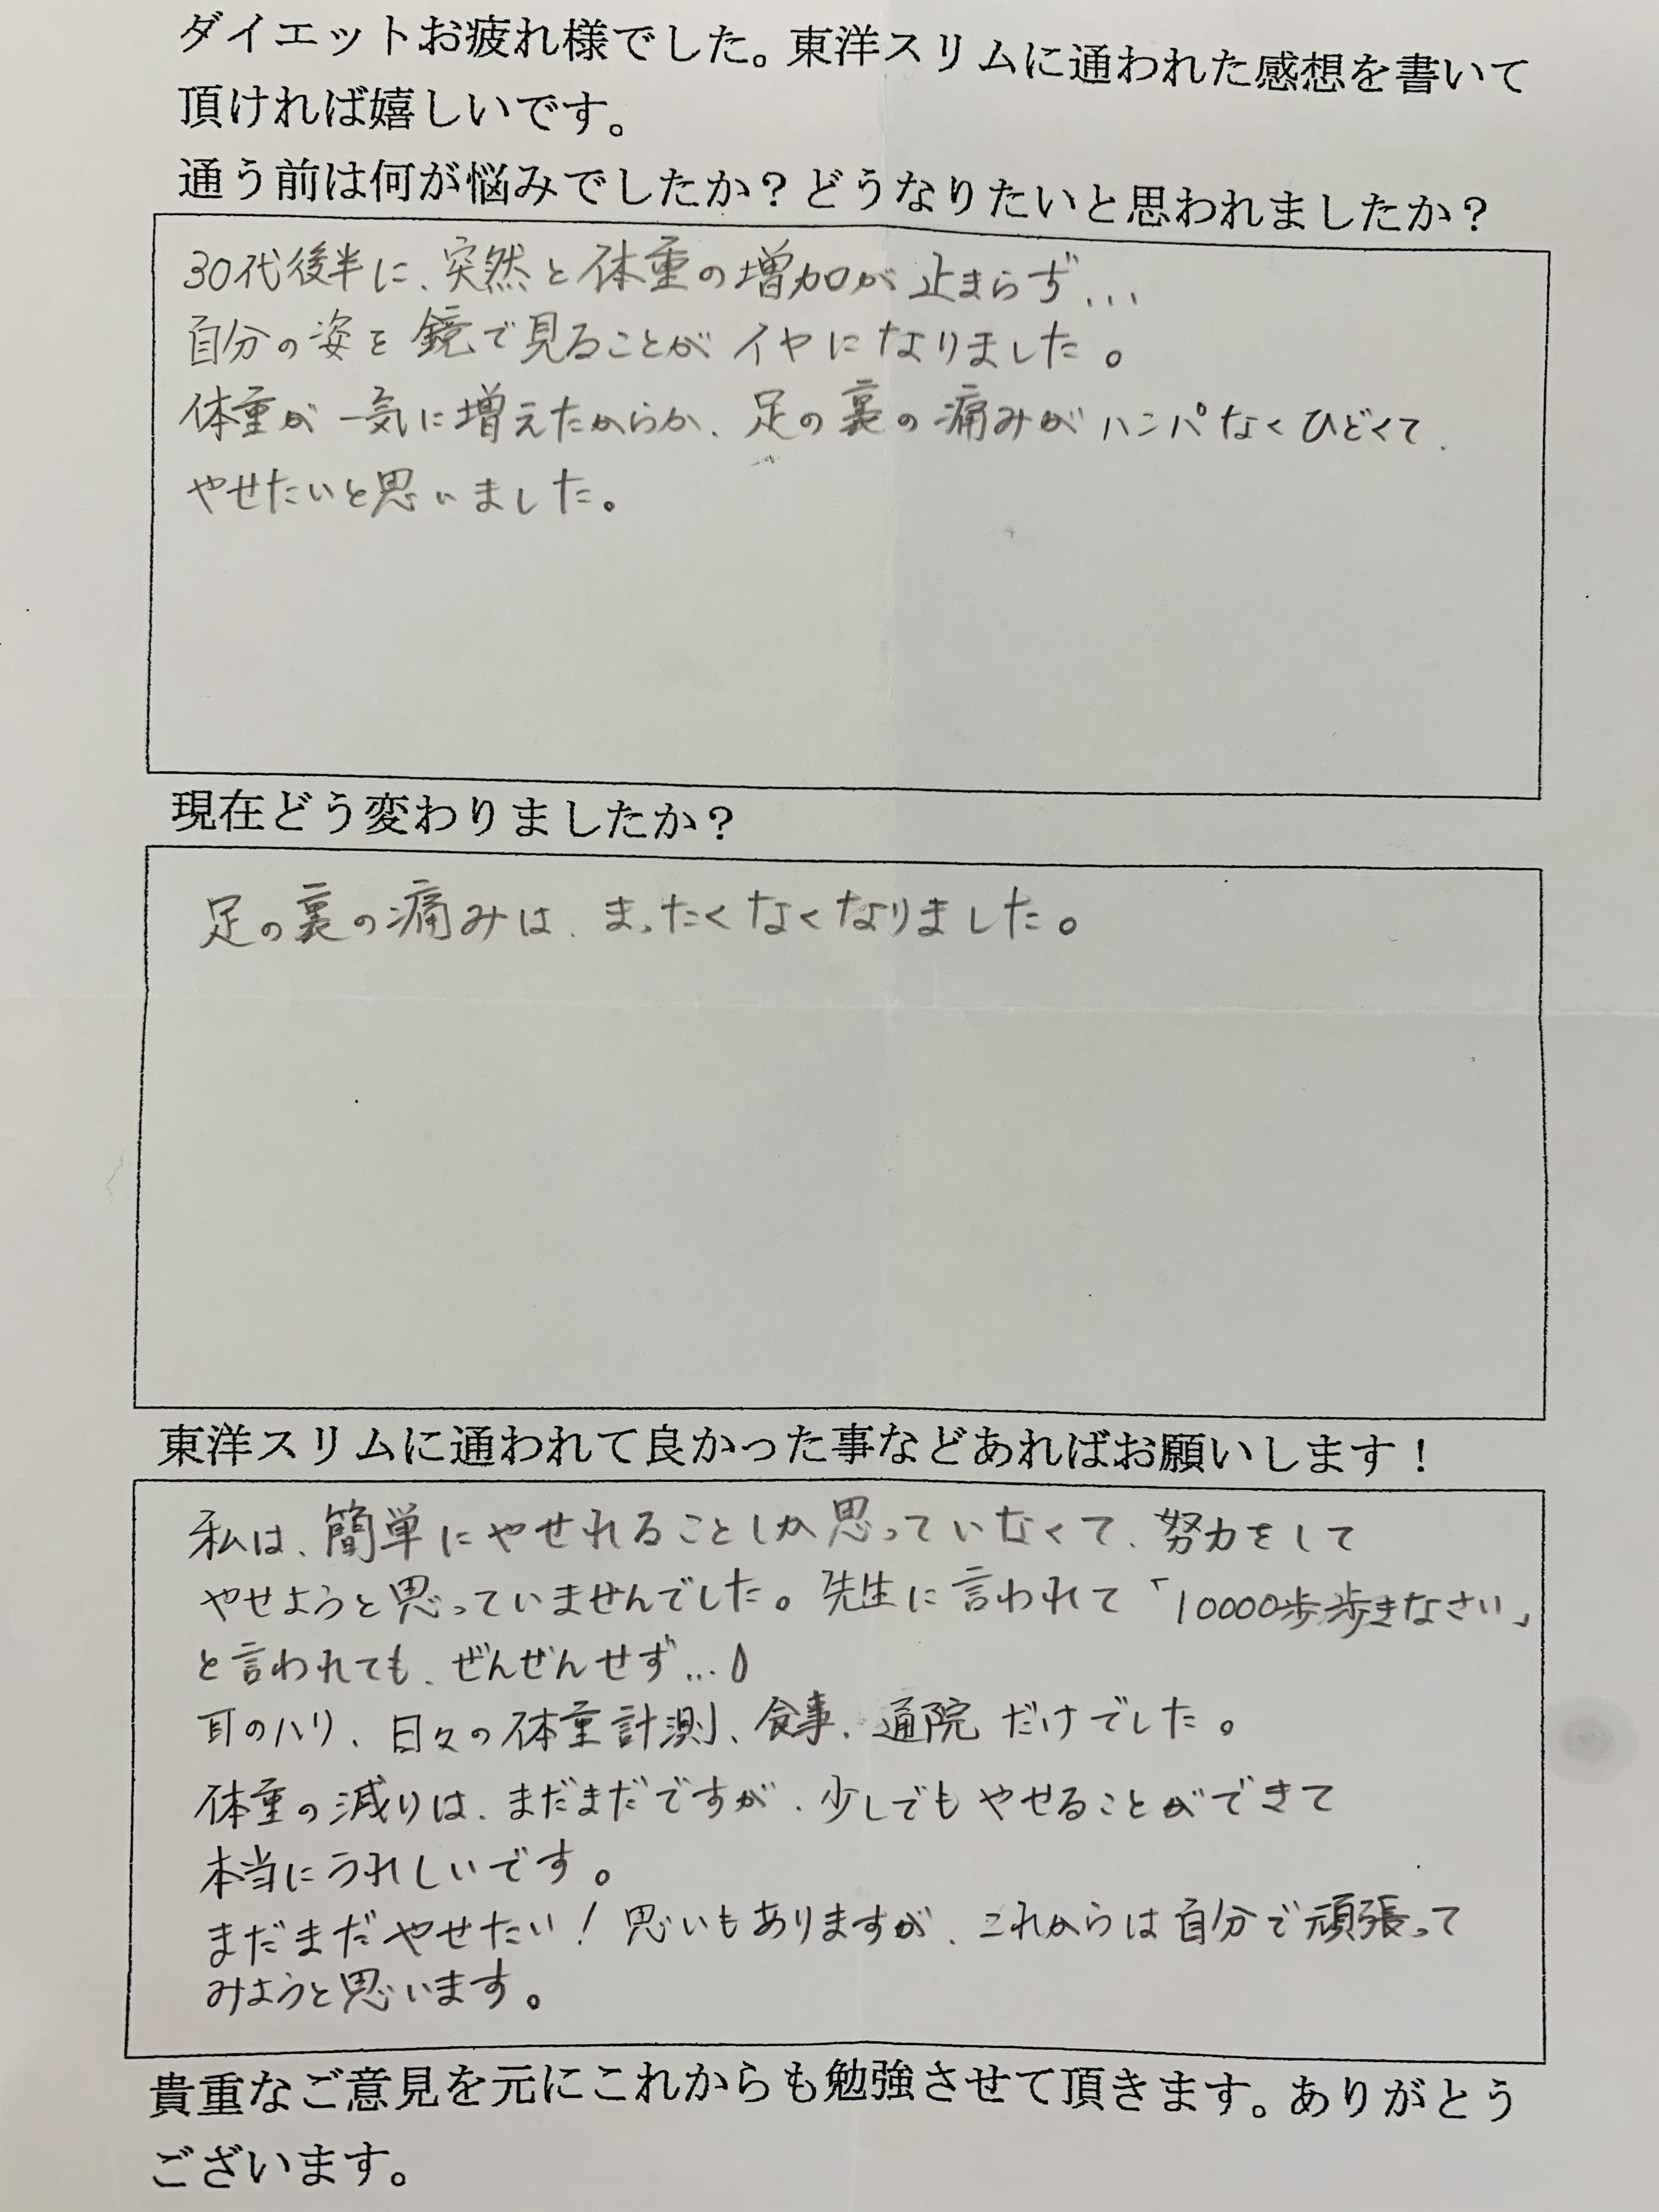 [皆様の声]大阪府藤井寺市Rさん(40代)耳つぼダイエット 足の裏の痛みはまったくなくなりました。